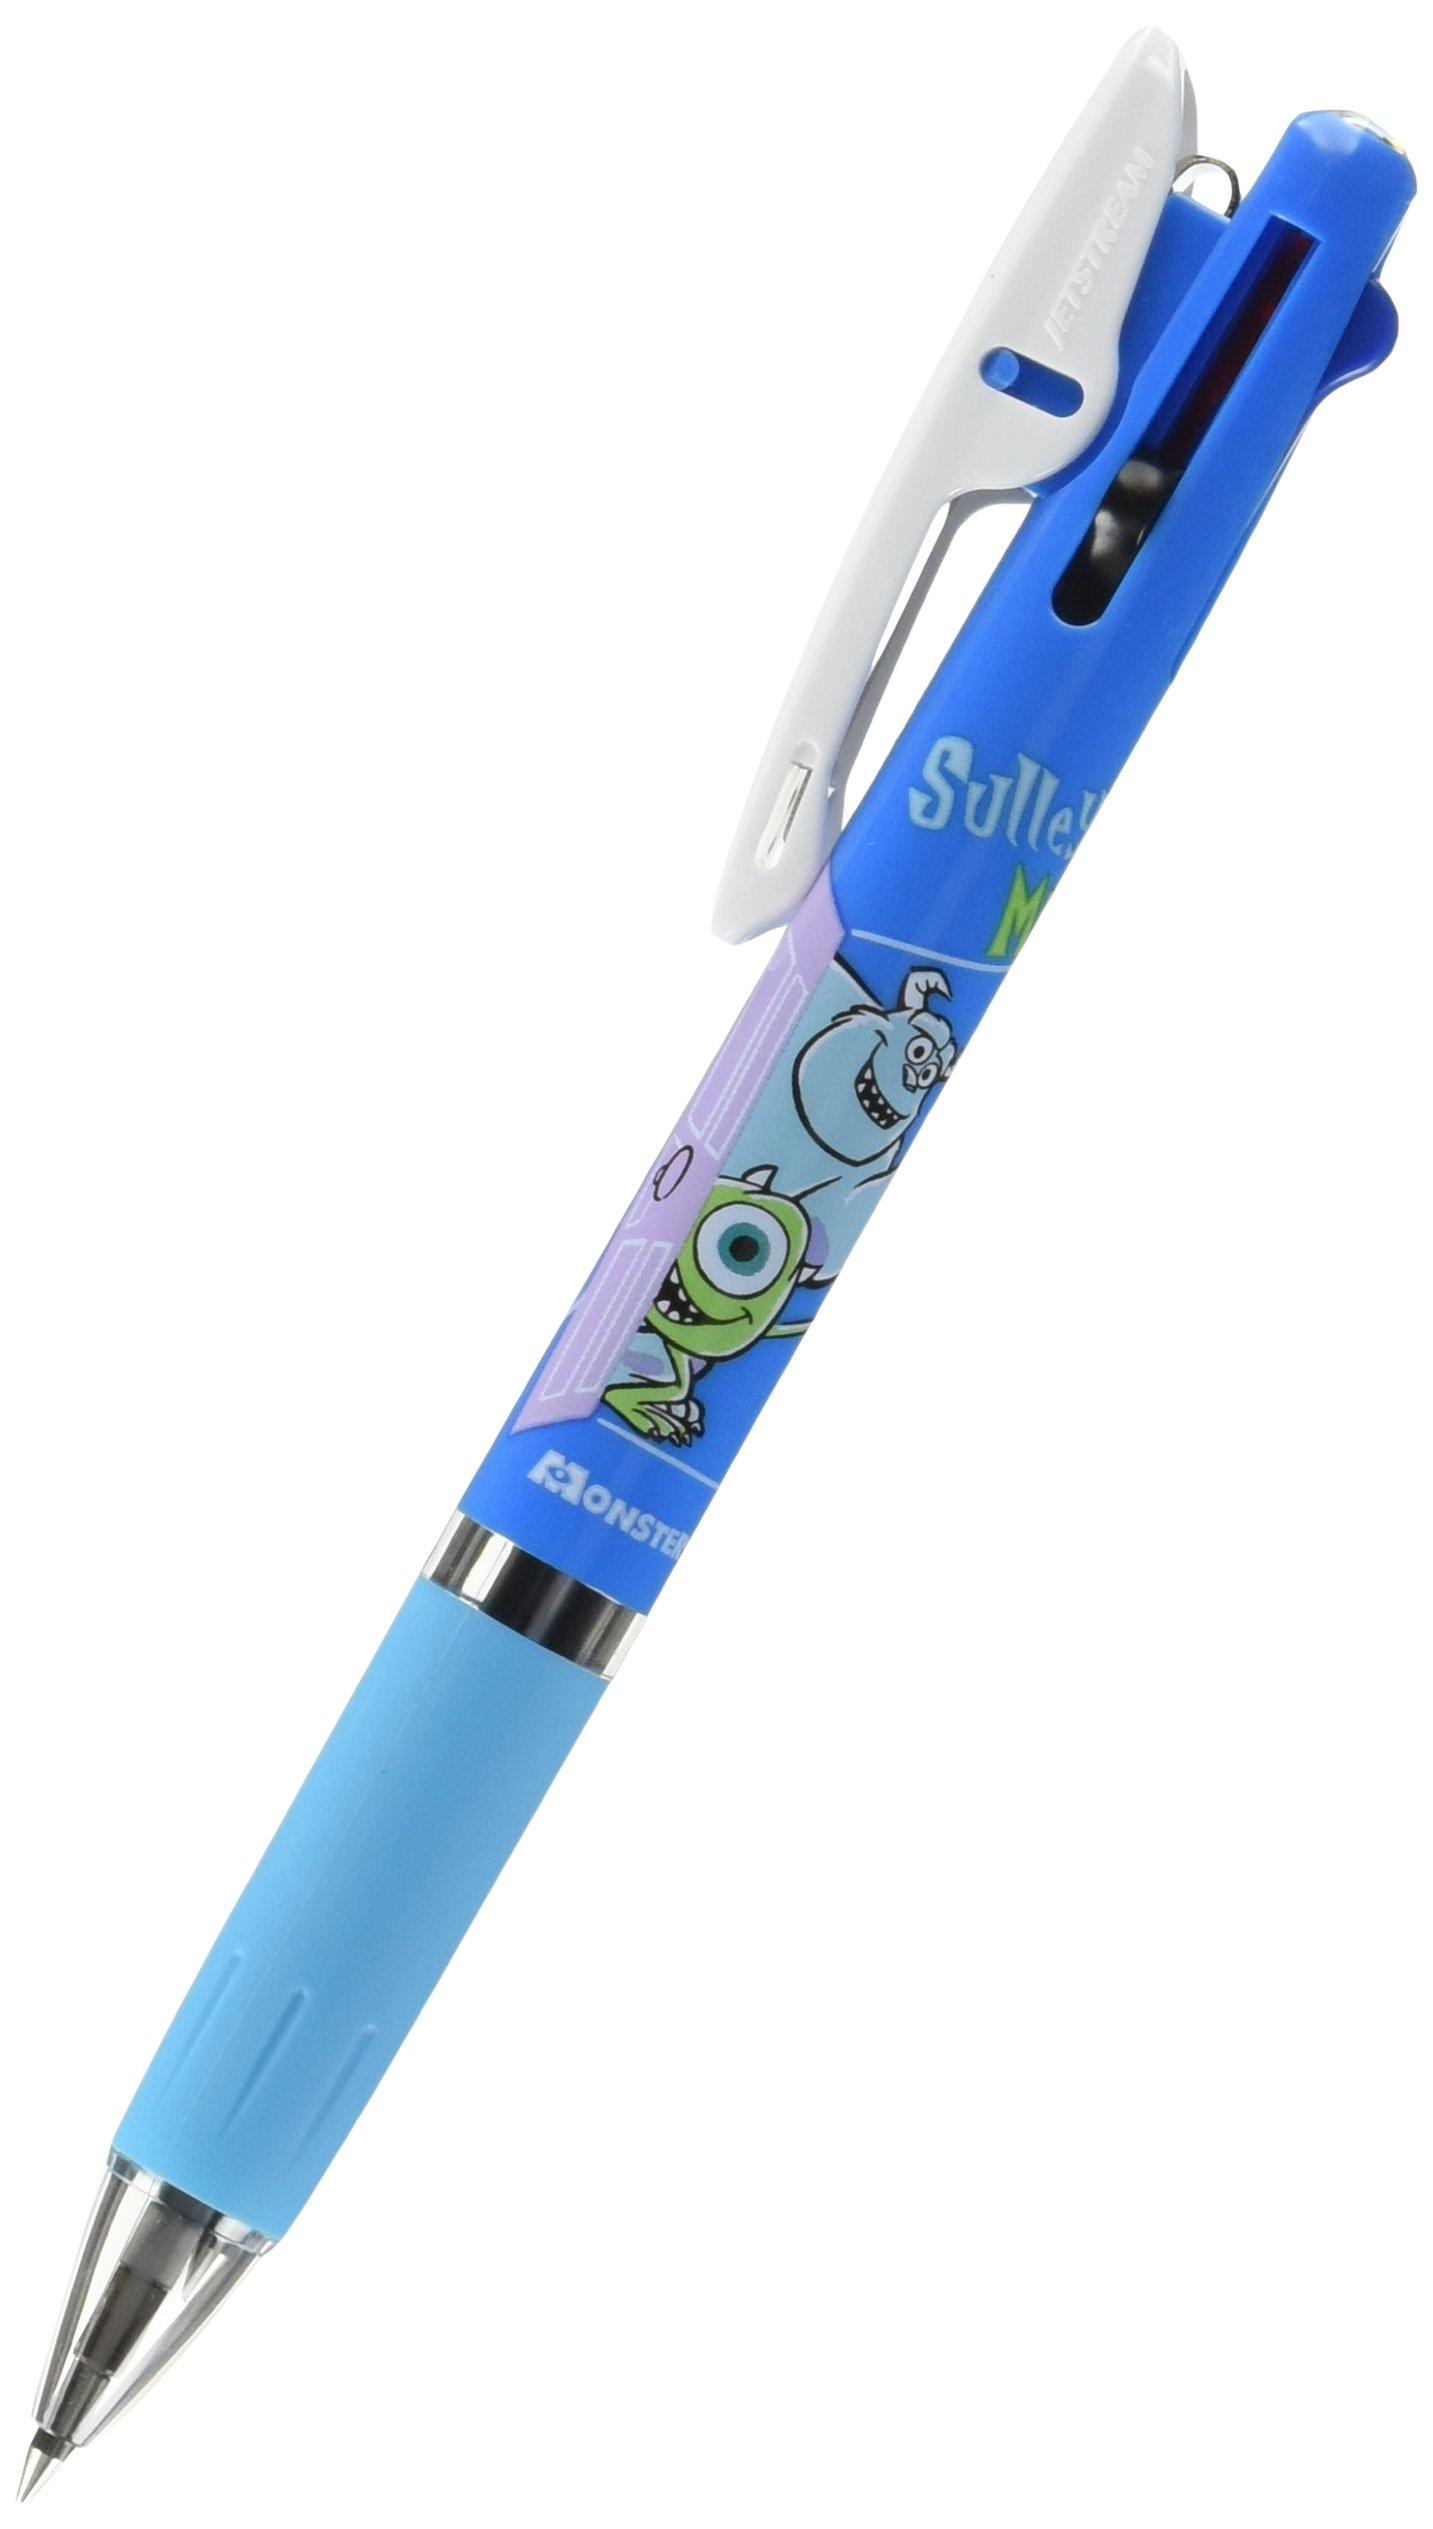 ディズニー ジェットストリーム 3色ボールペン モンスターズ・インク